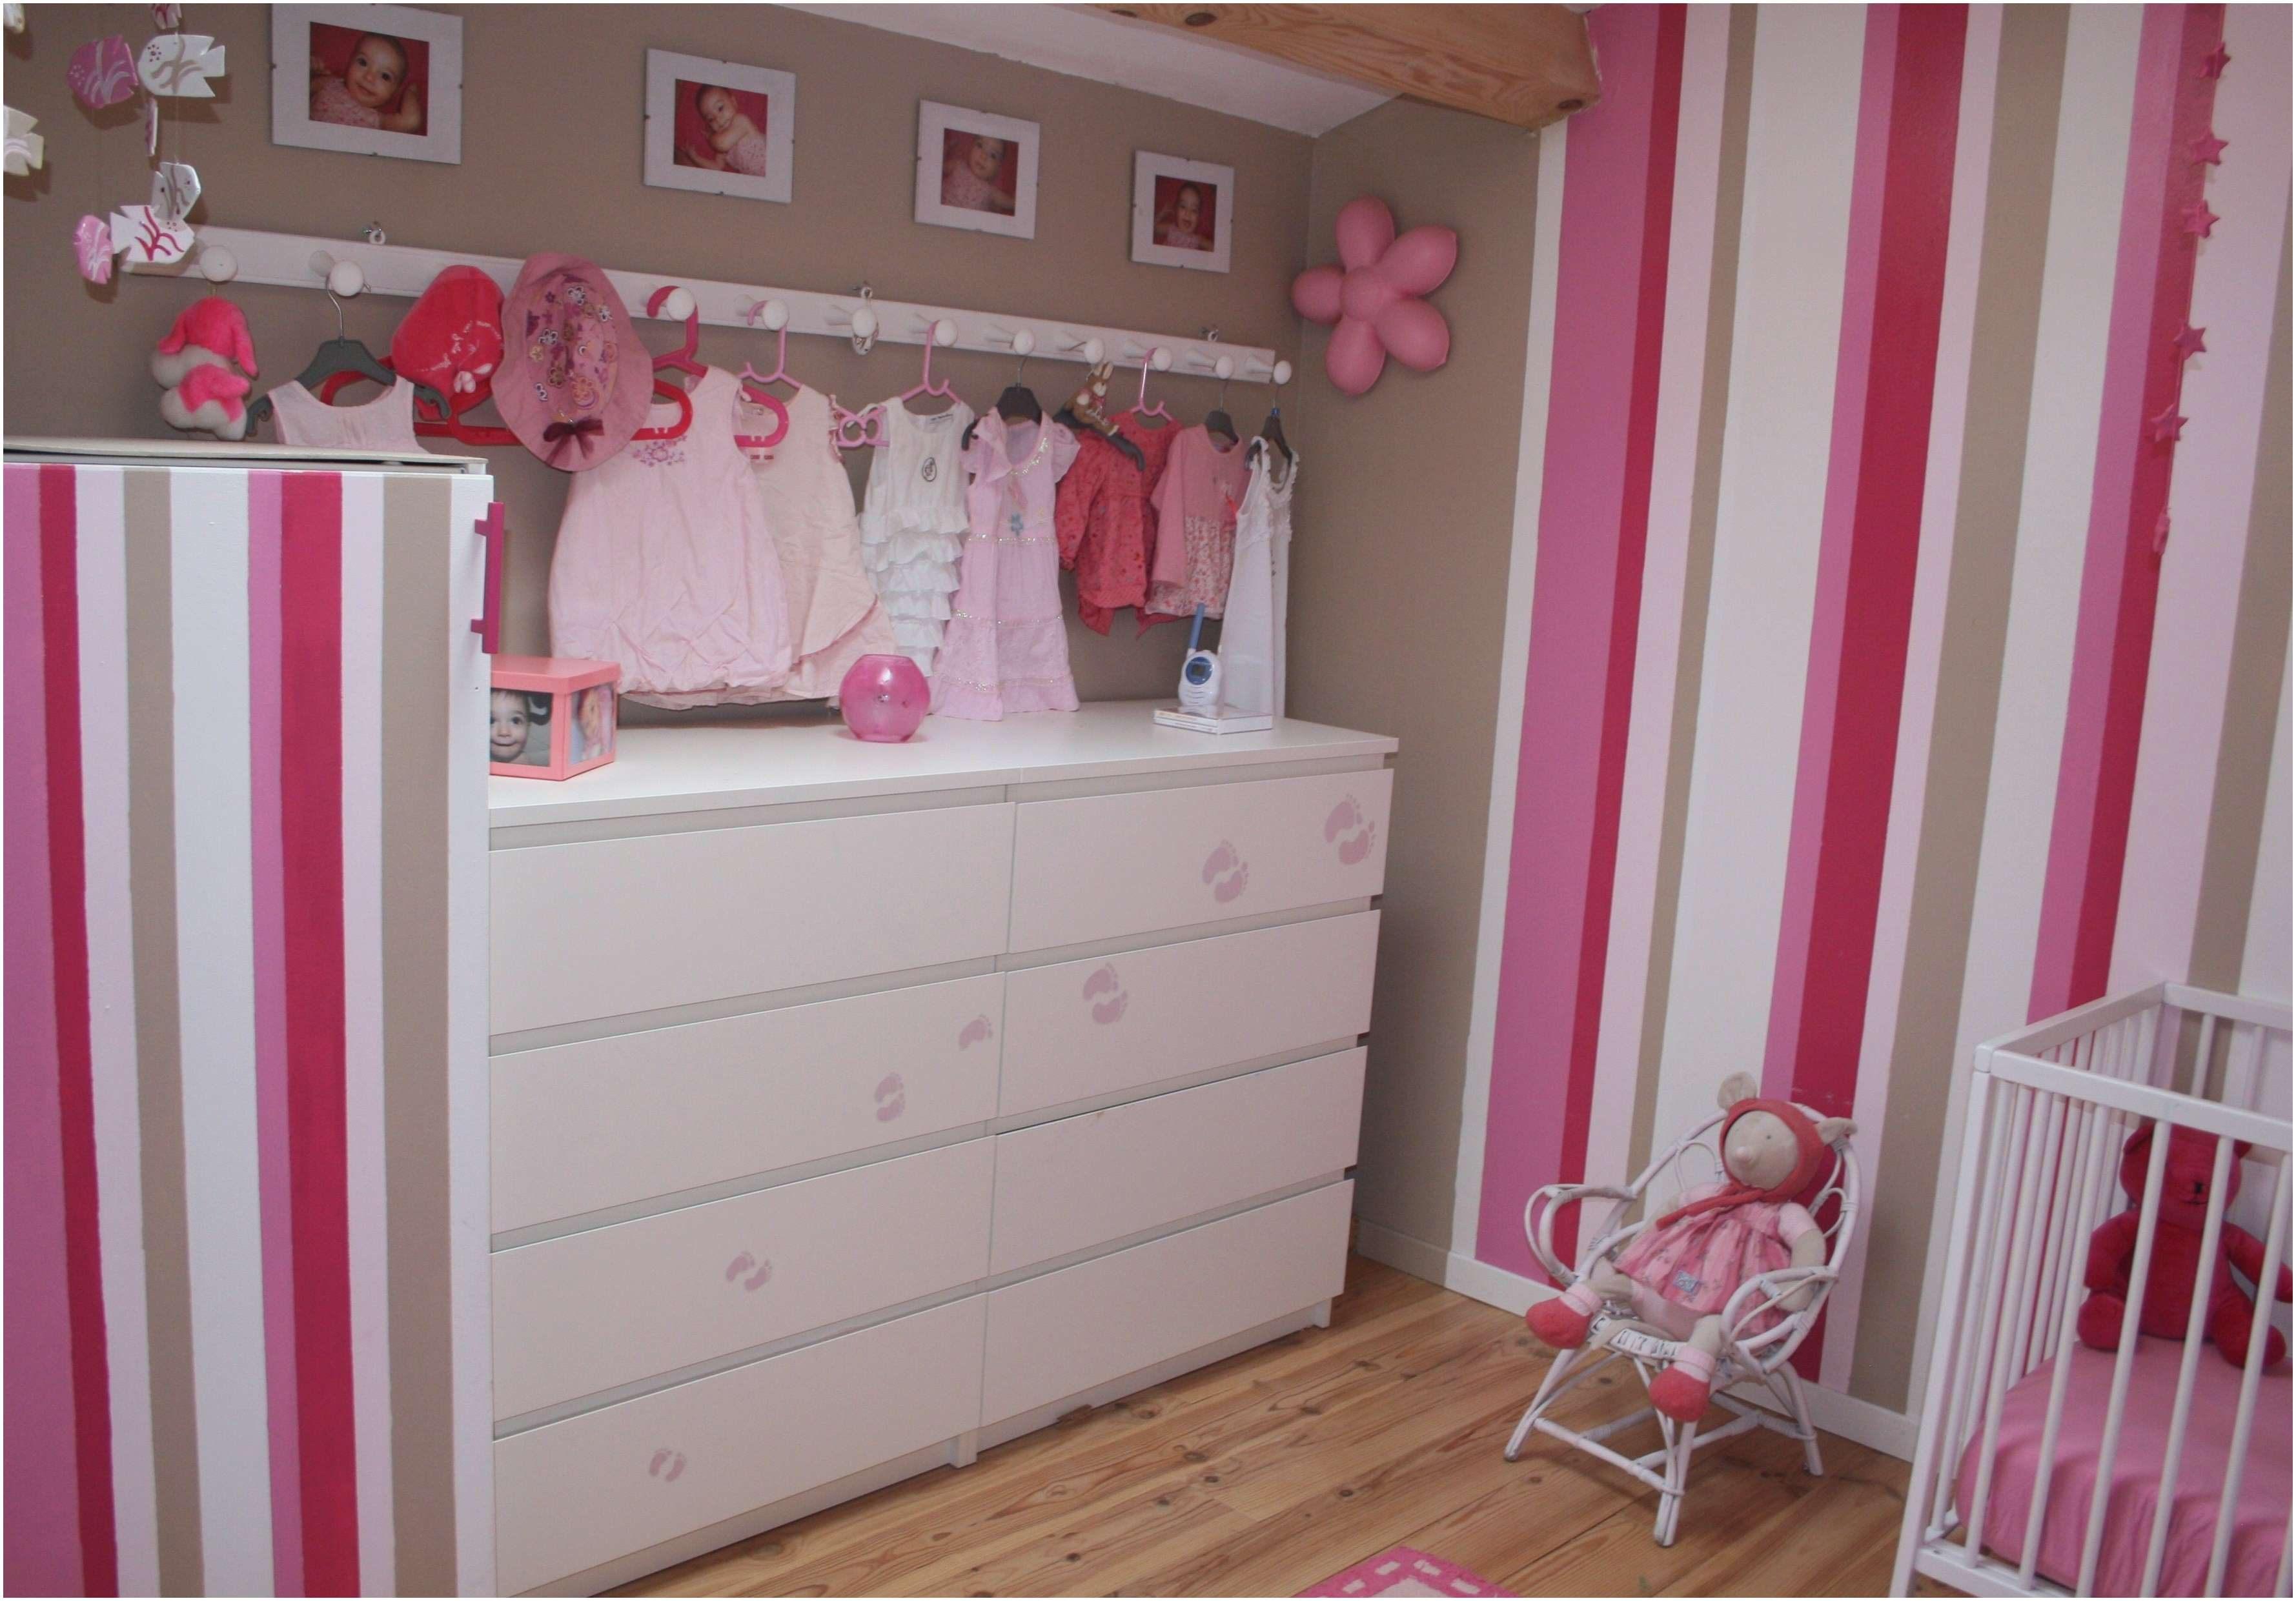 Accessoire Lit Bébé Magnifique Elégant Chambre Bébé Fille Gris Et Rose Beau Parc B C3 A9b C3 A9